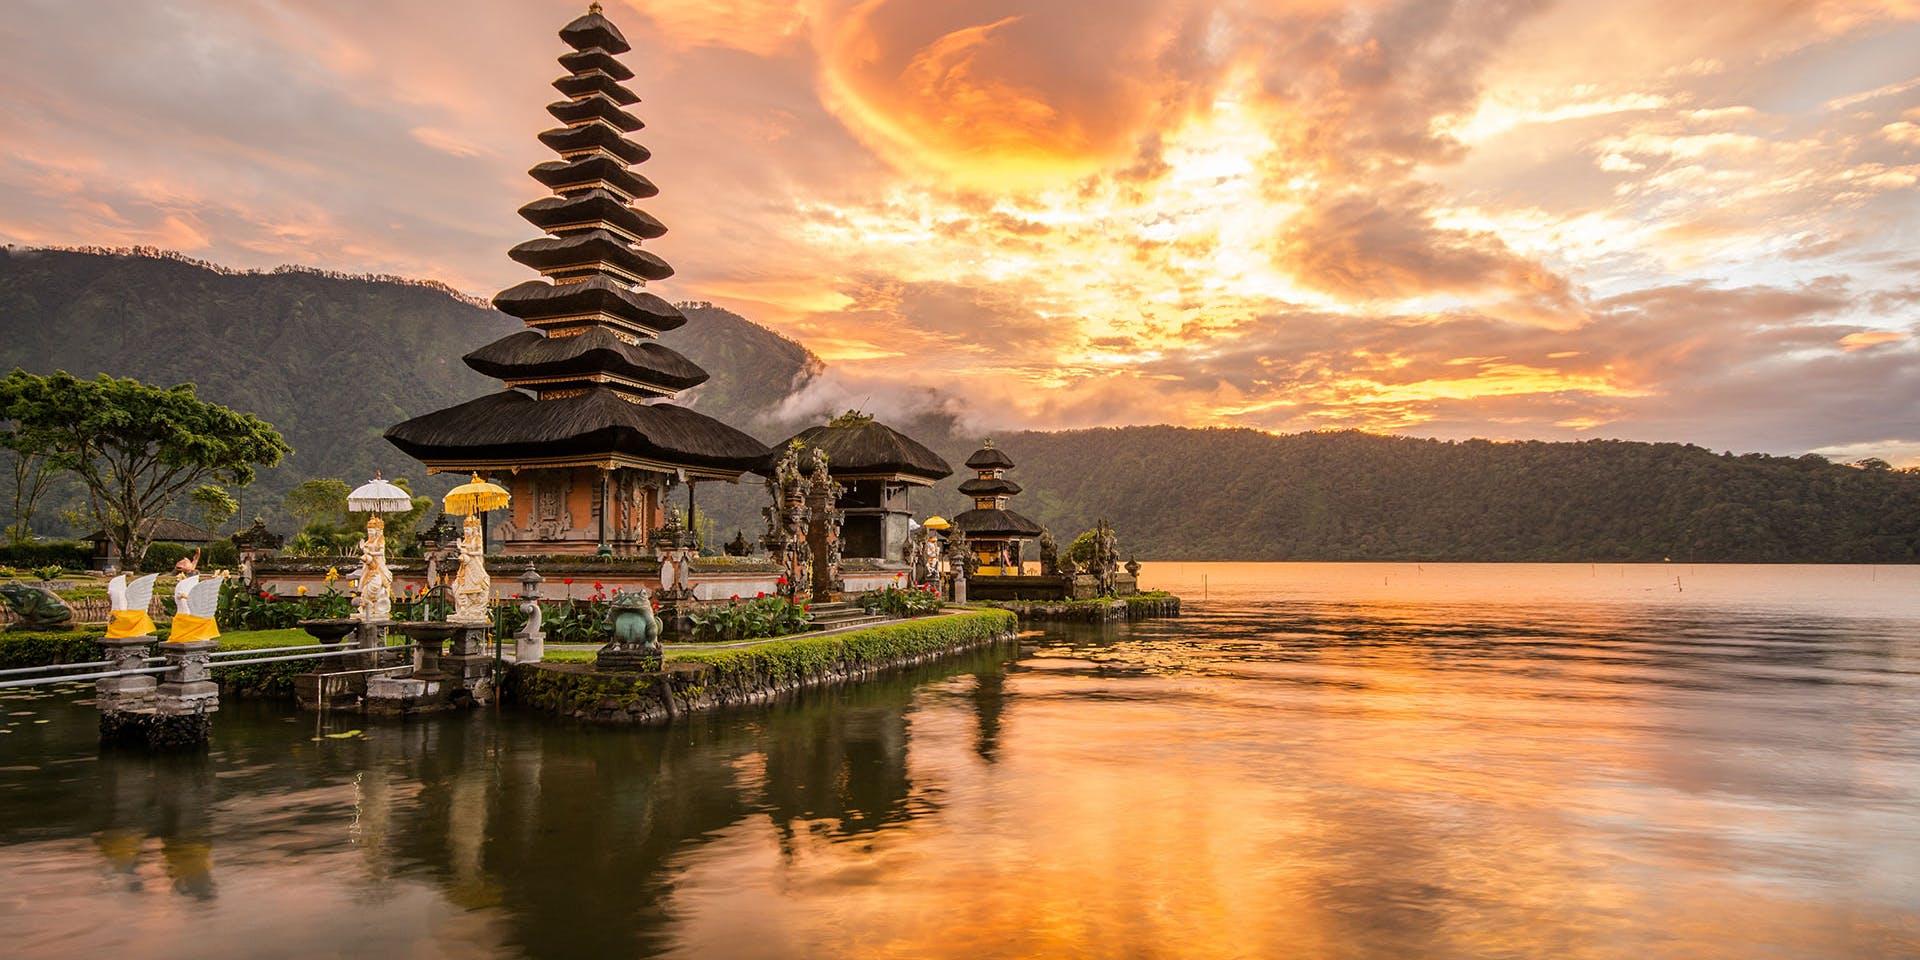 Chuyển hàng từ Đà Nẵng đi Indonesia chuyên nghiệp